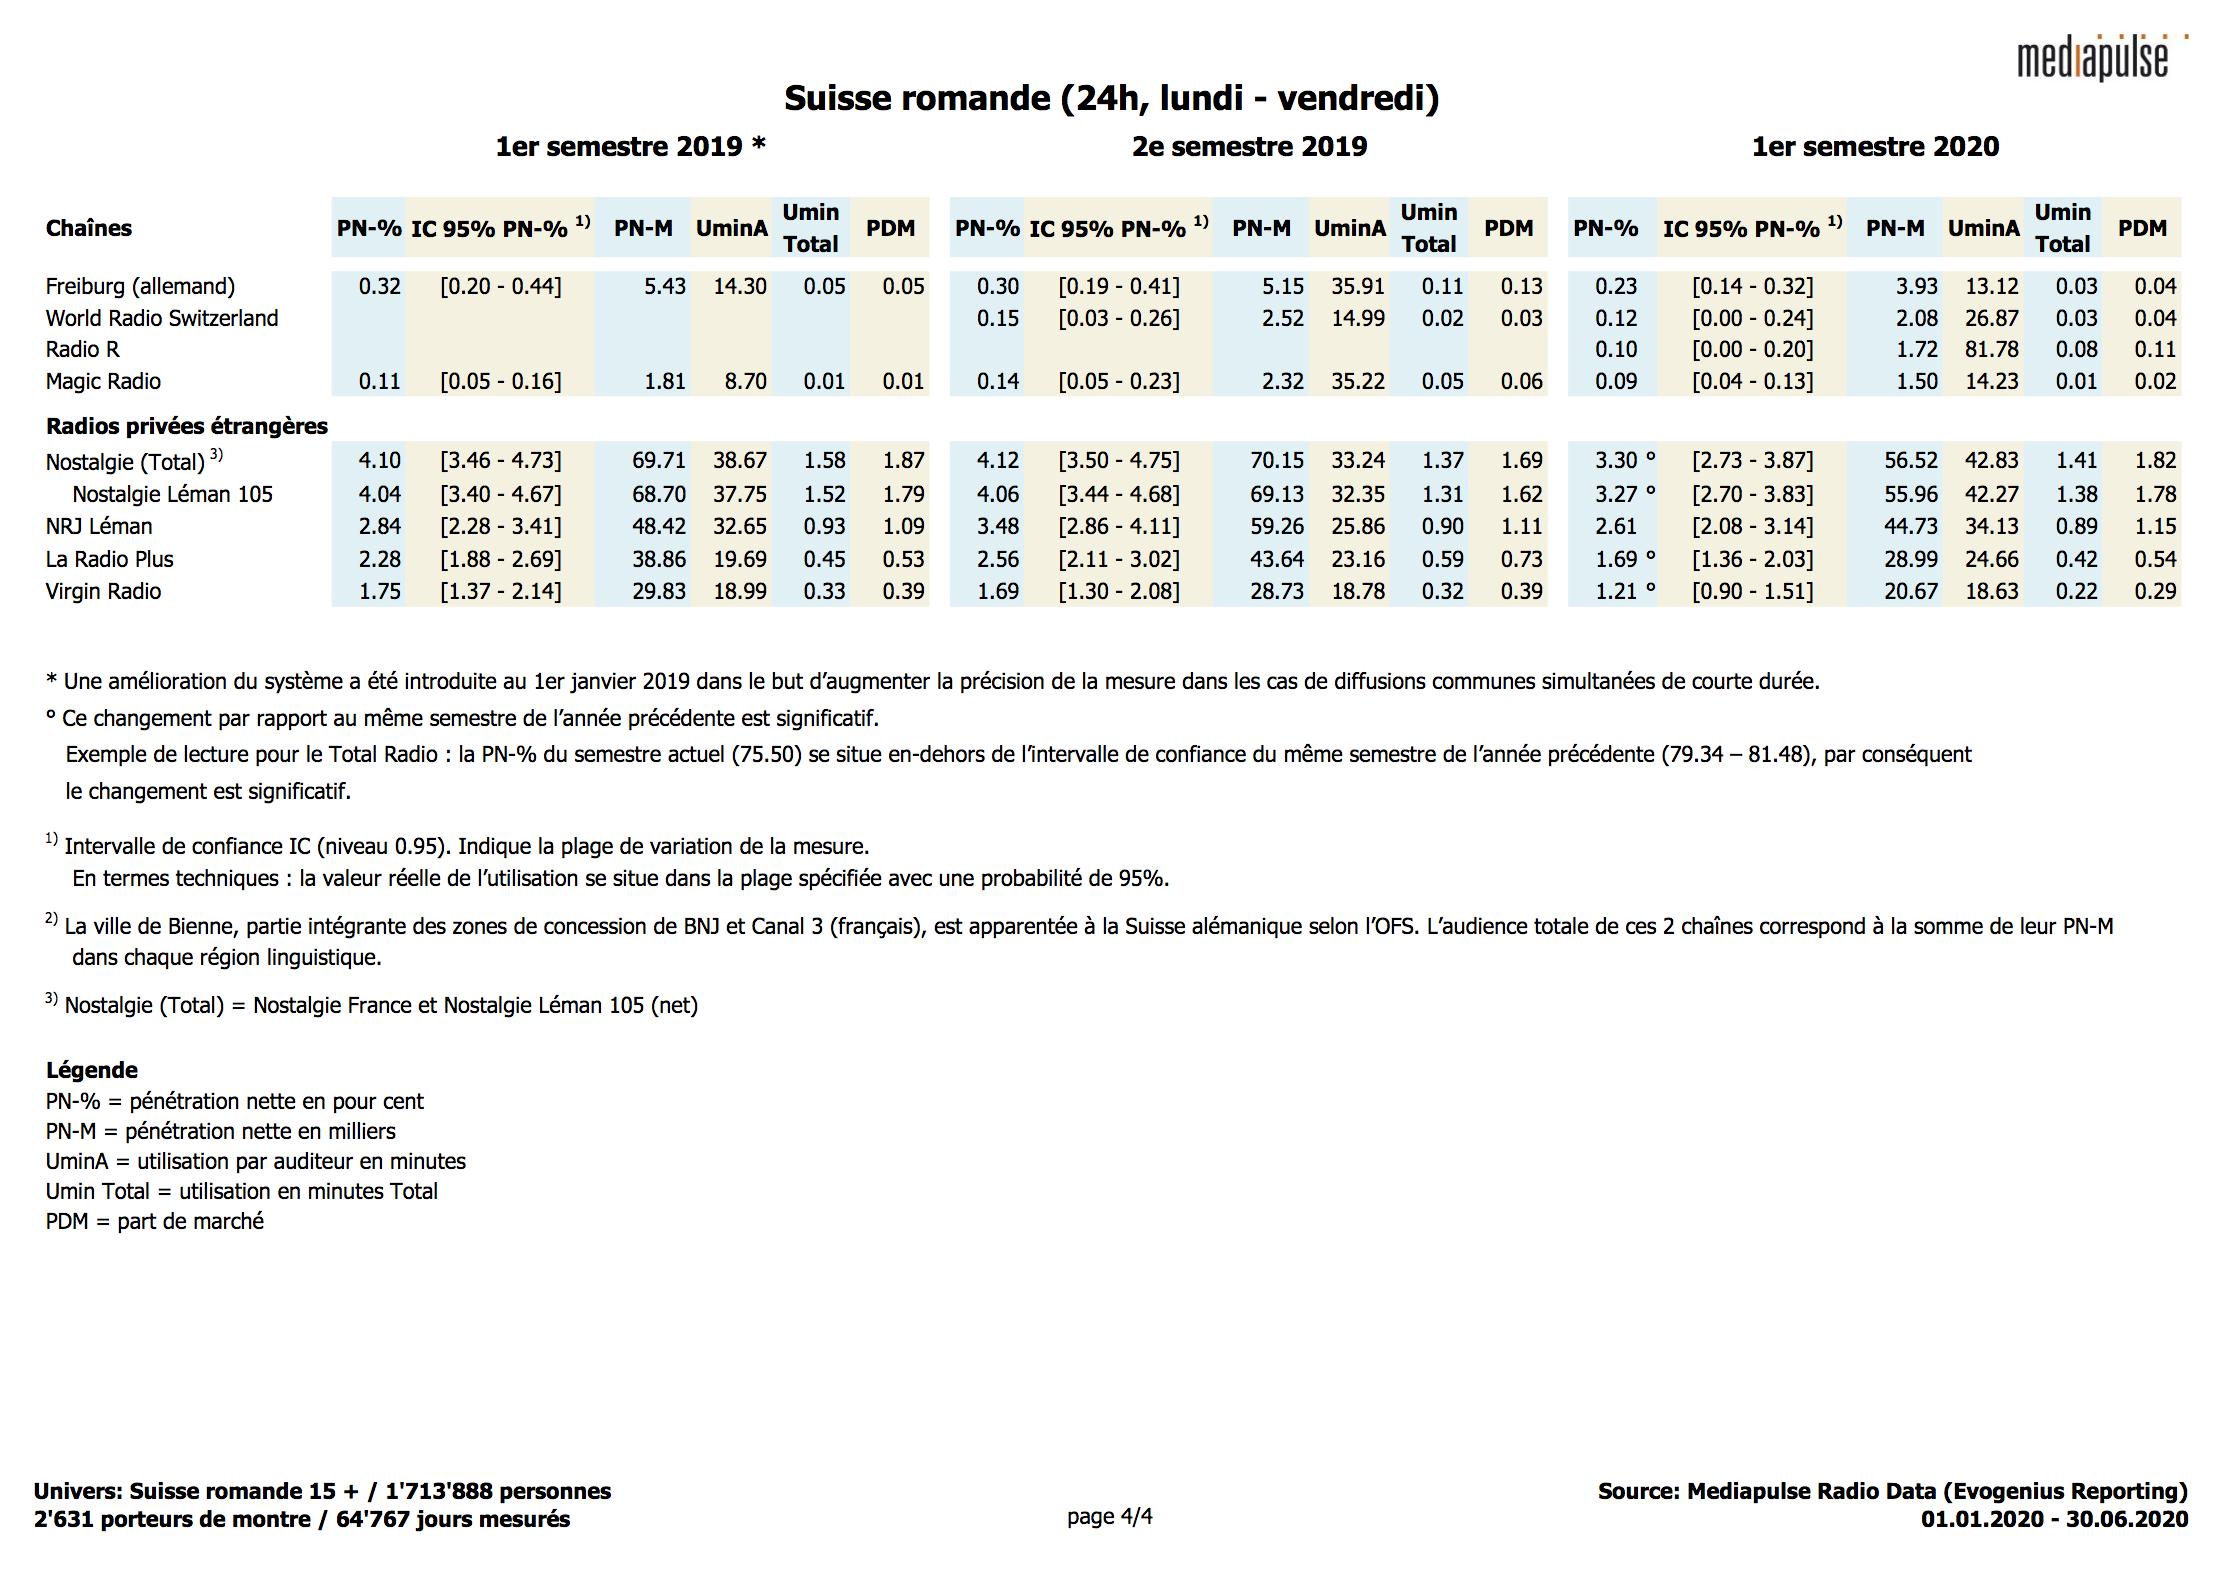 Les audiences des radios suisses au 1er semestre 2020